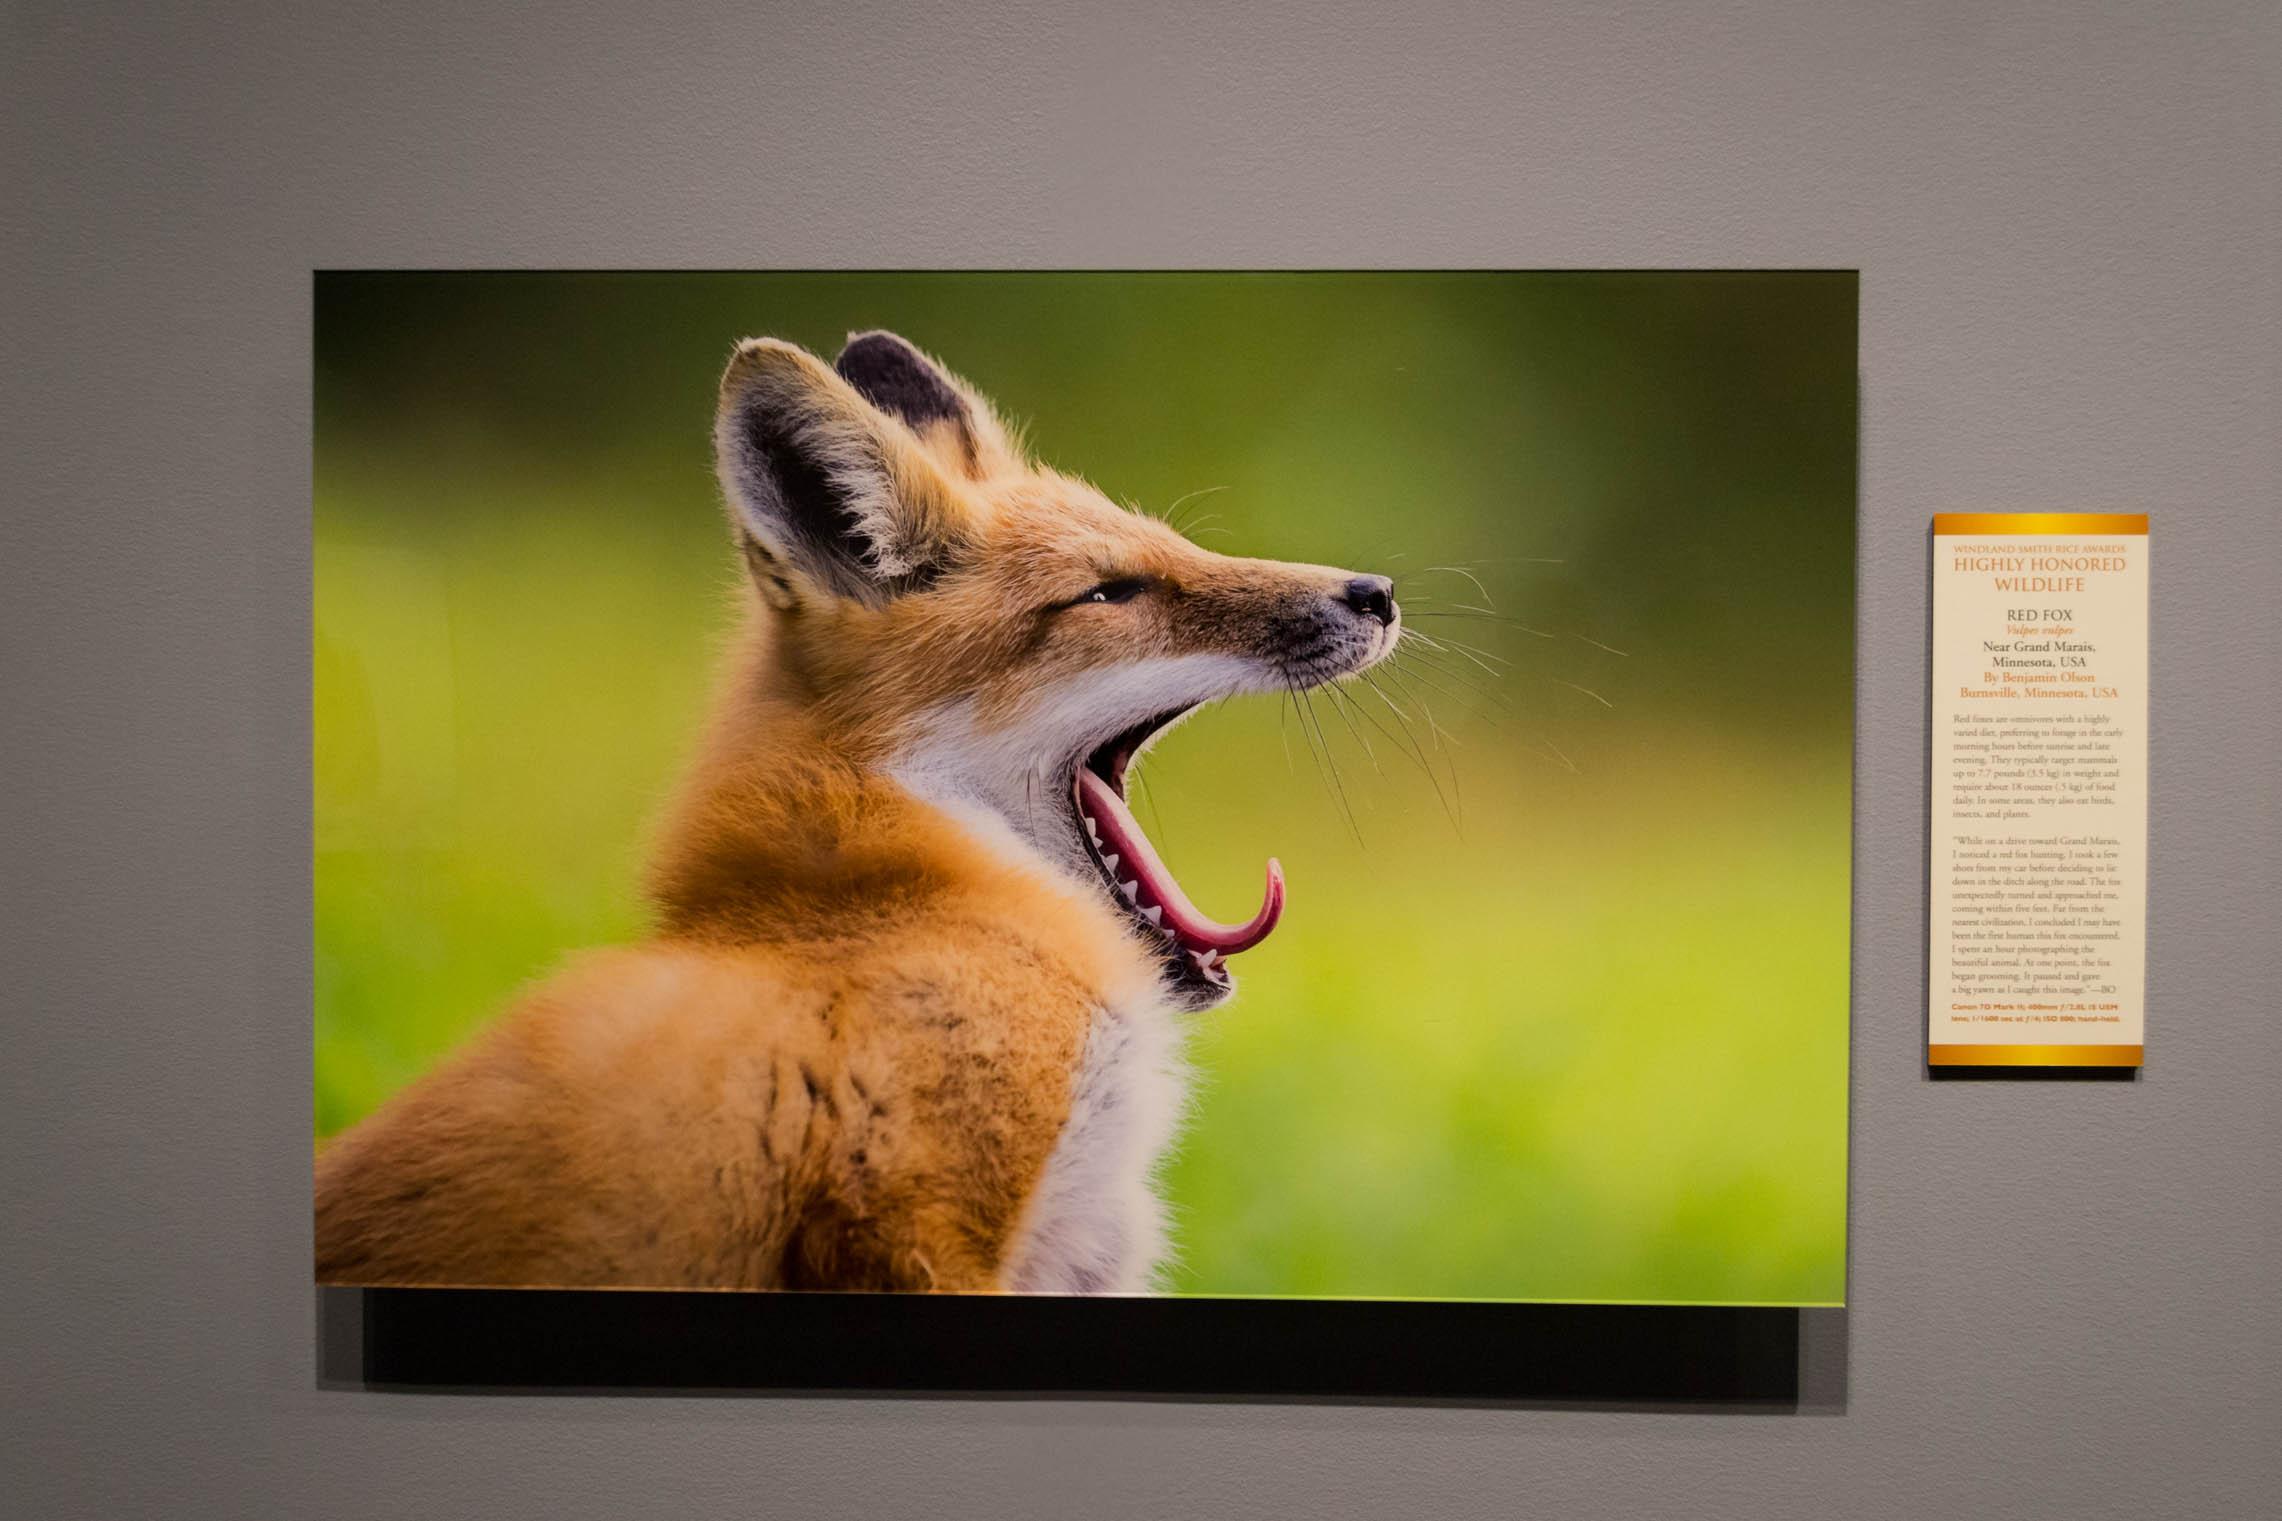 Une des nombreuses images de nature de photographes talentueux